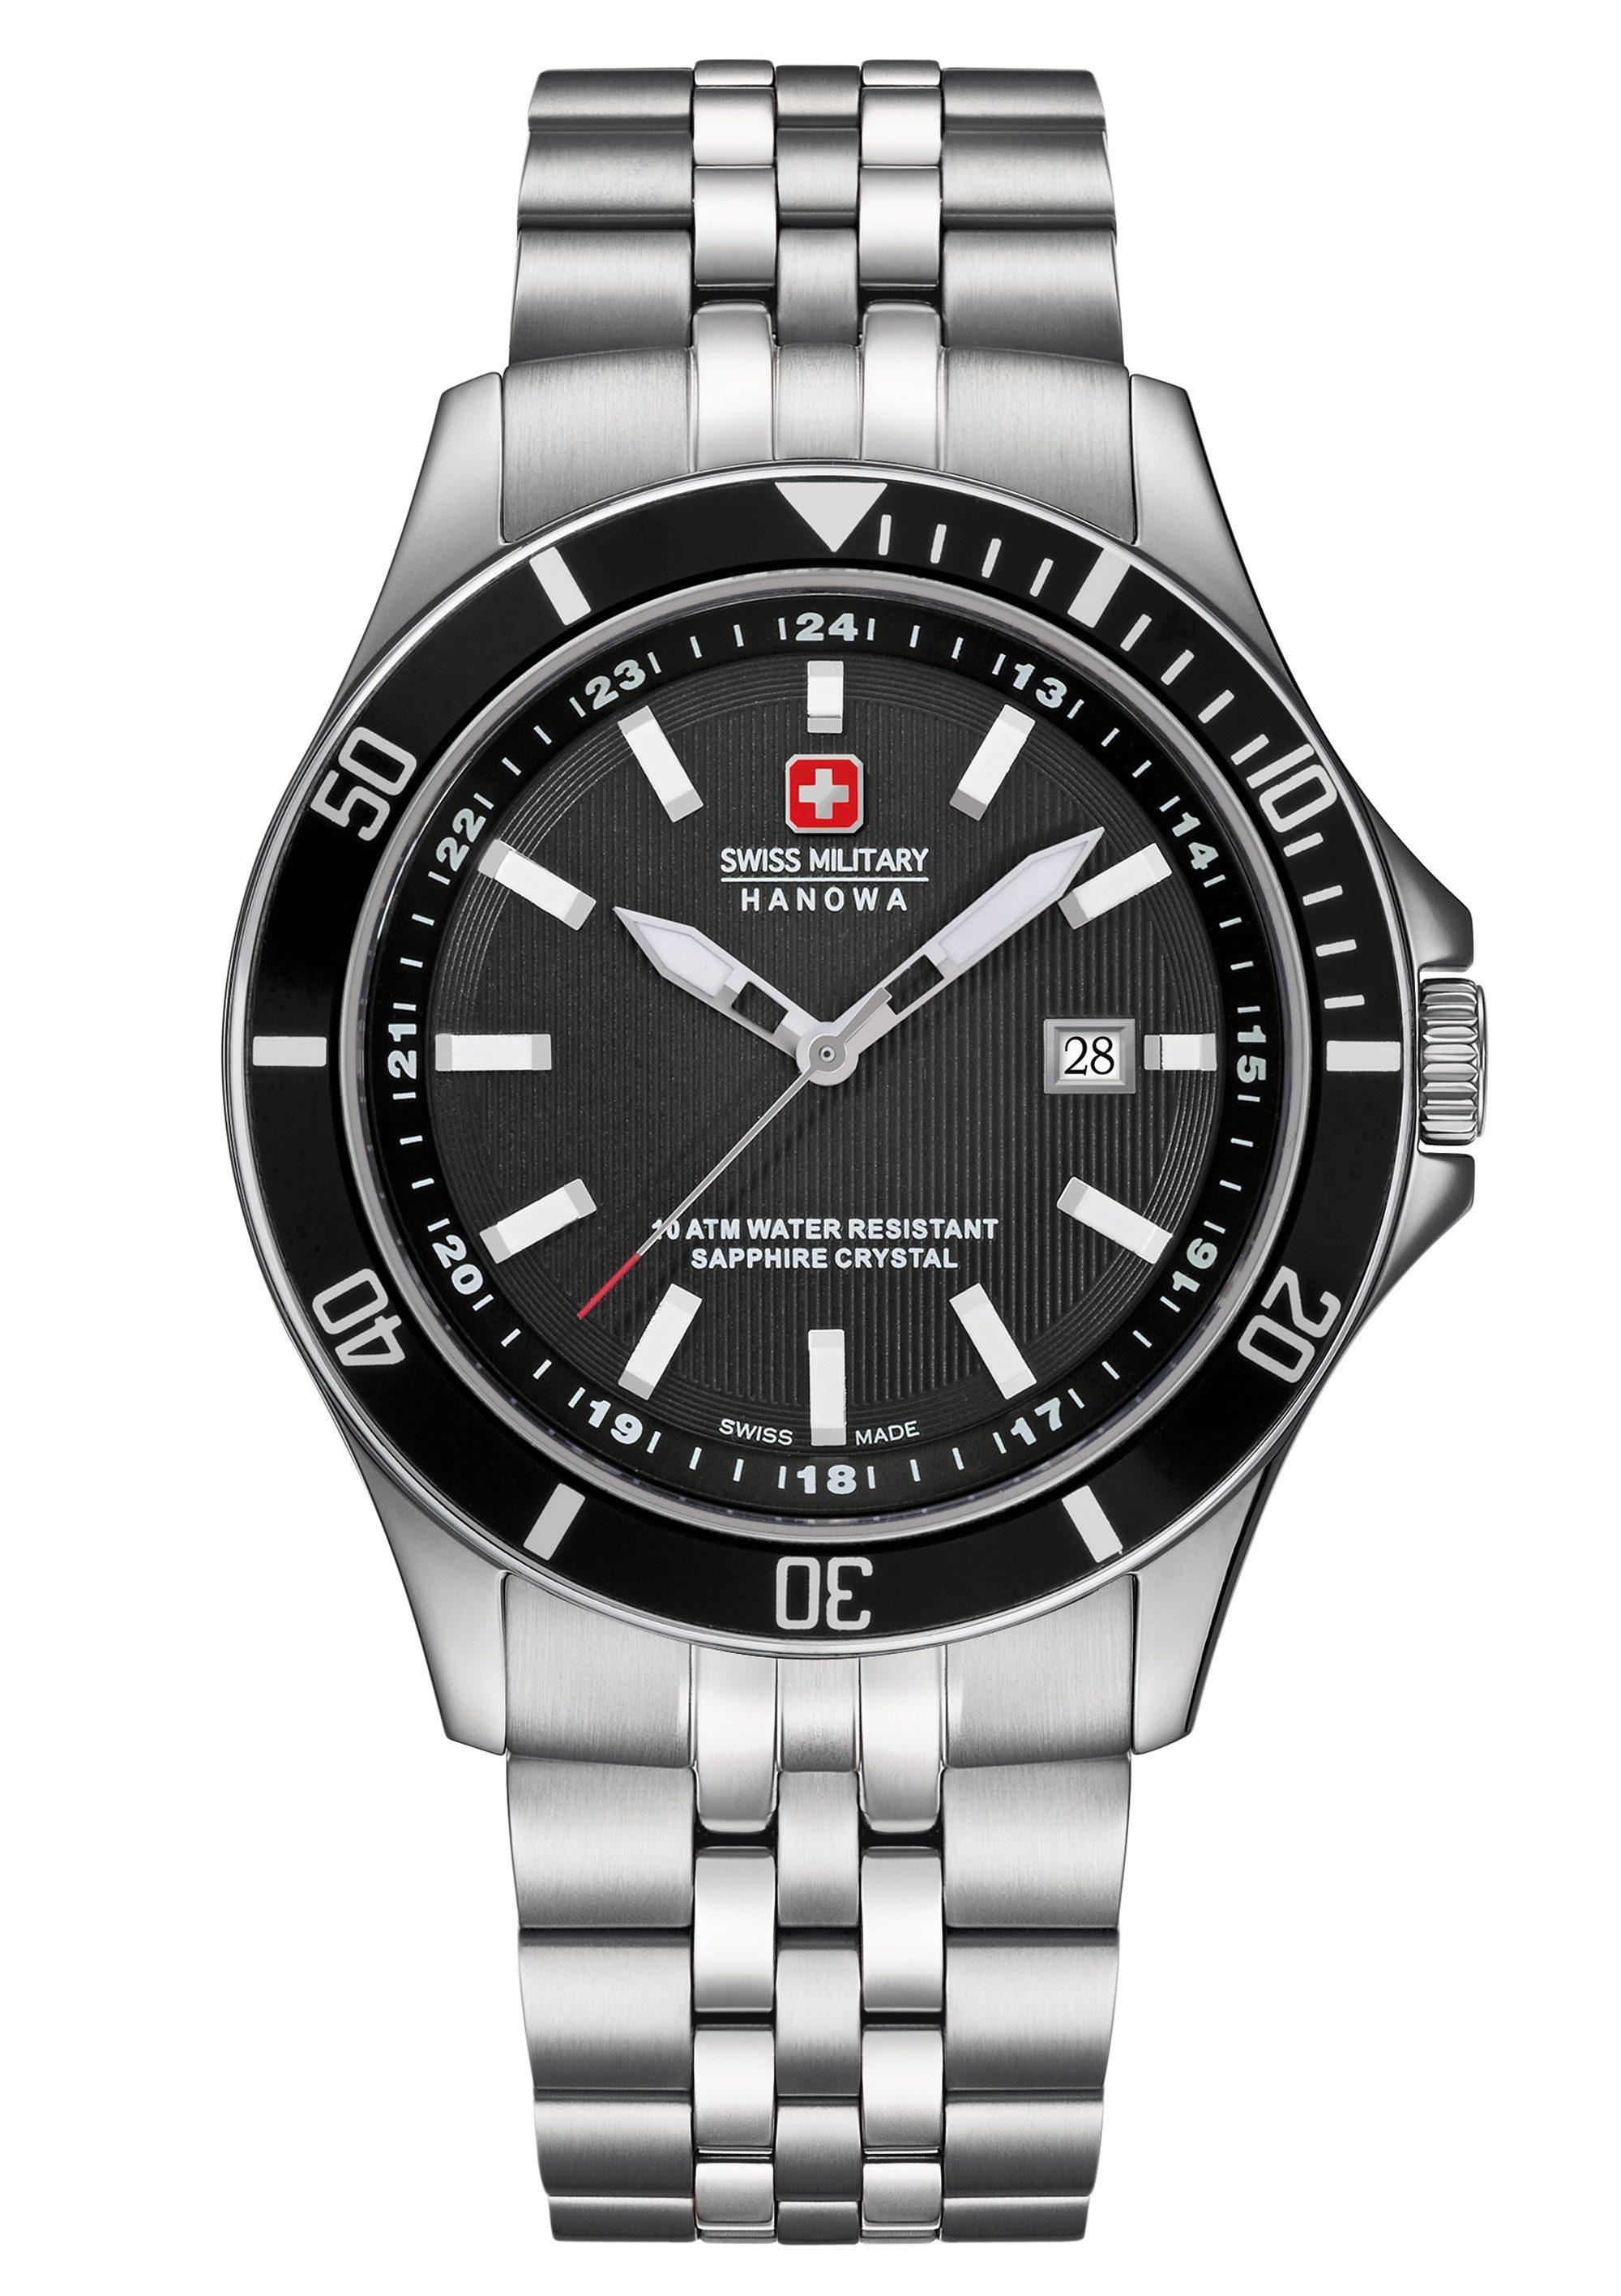 Swiss Military Hanowa Schweizer Uhr FLAGSHIP 06-5161204007 | Uhren > Schweizer Uhren | Swiss Military Hanowa